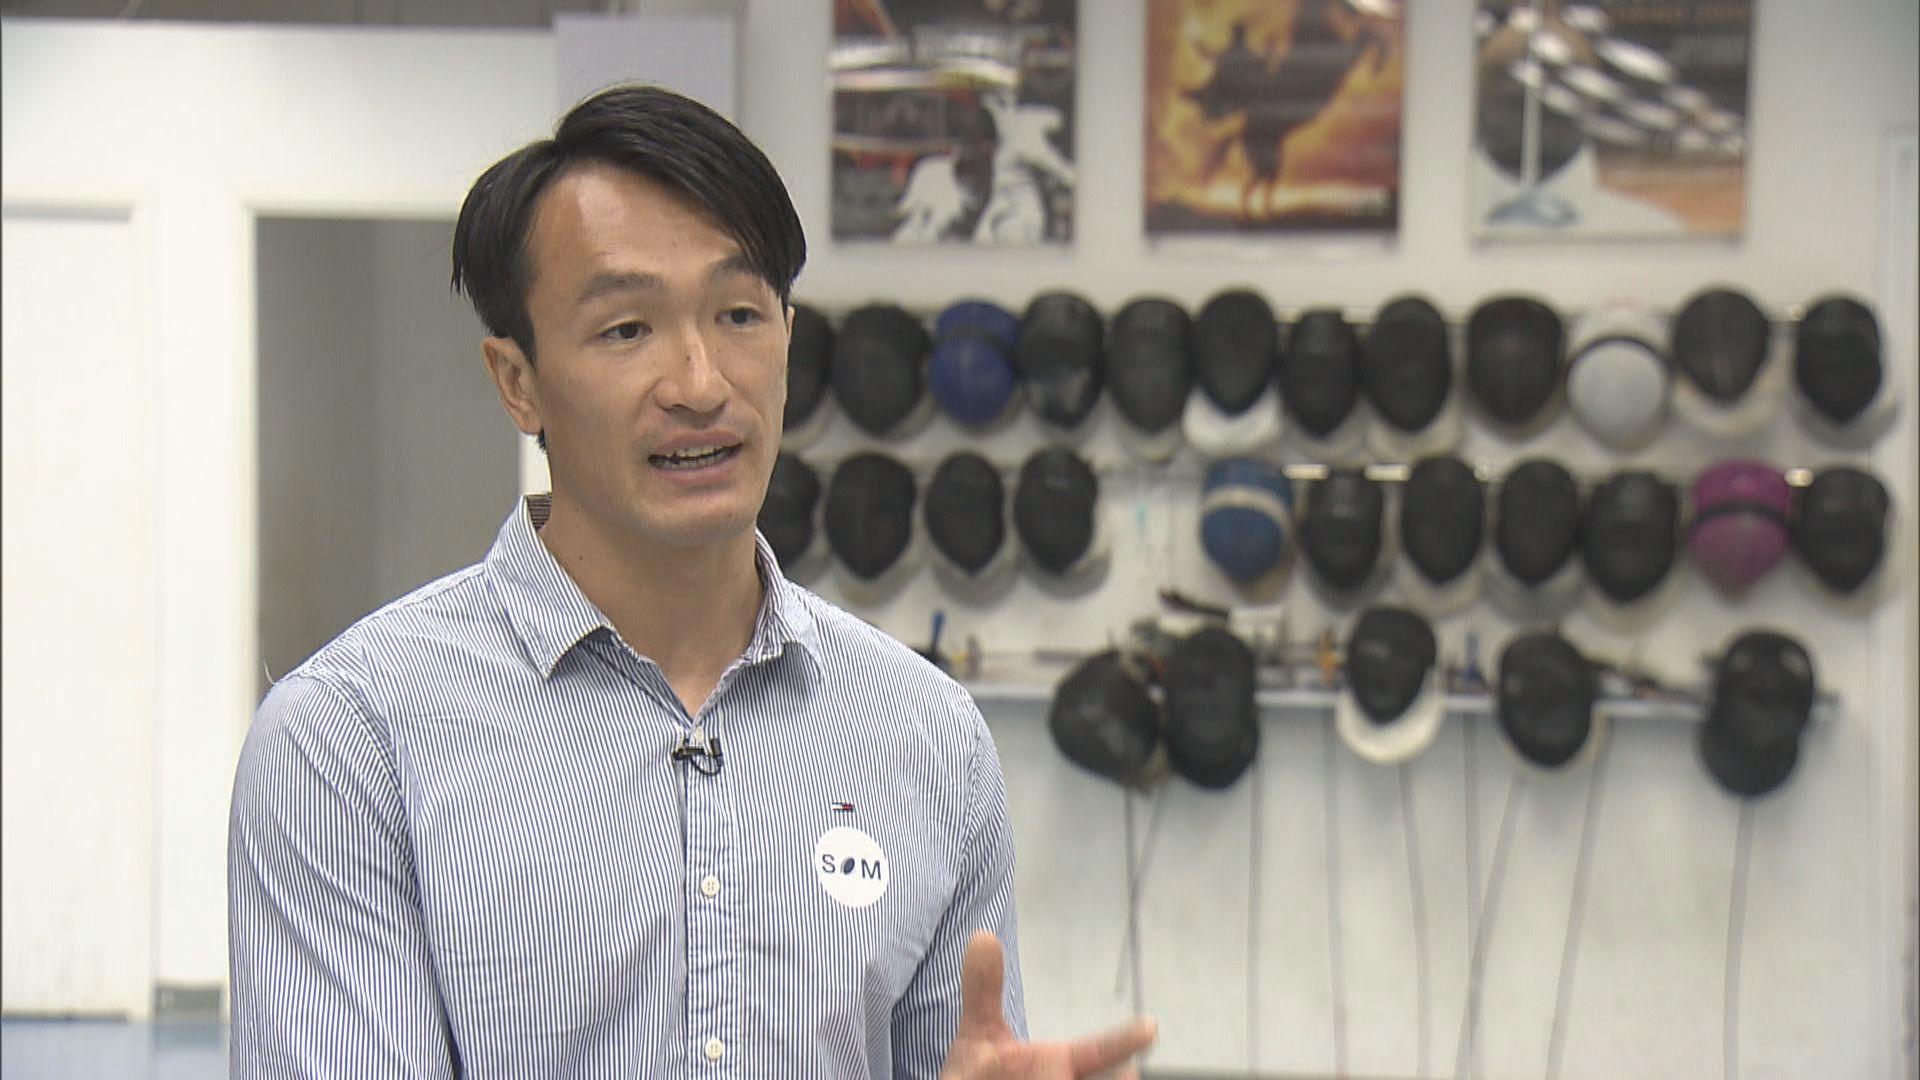 港七人欖球隊主力姚錦成望疫情過後再圓奧運夢